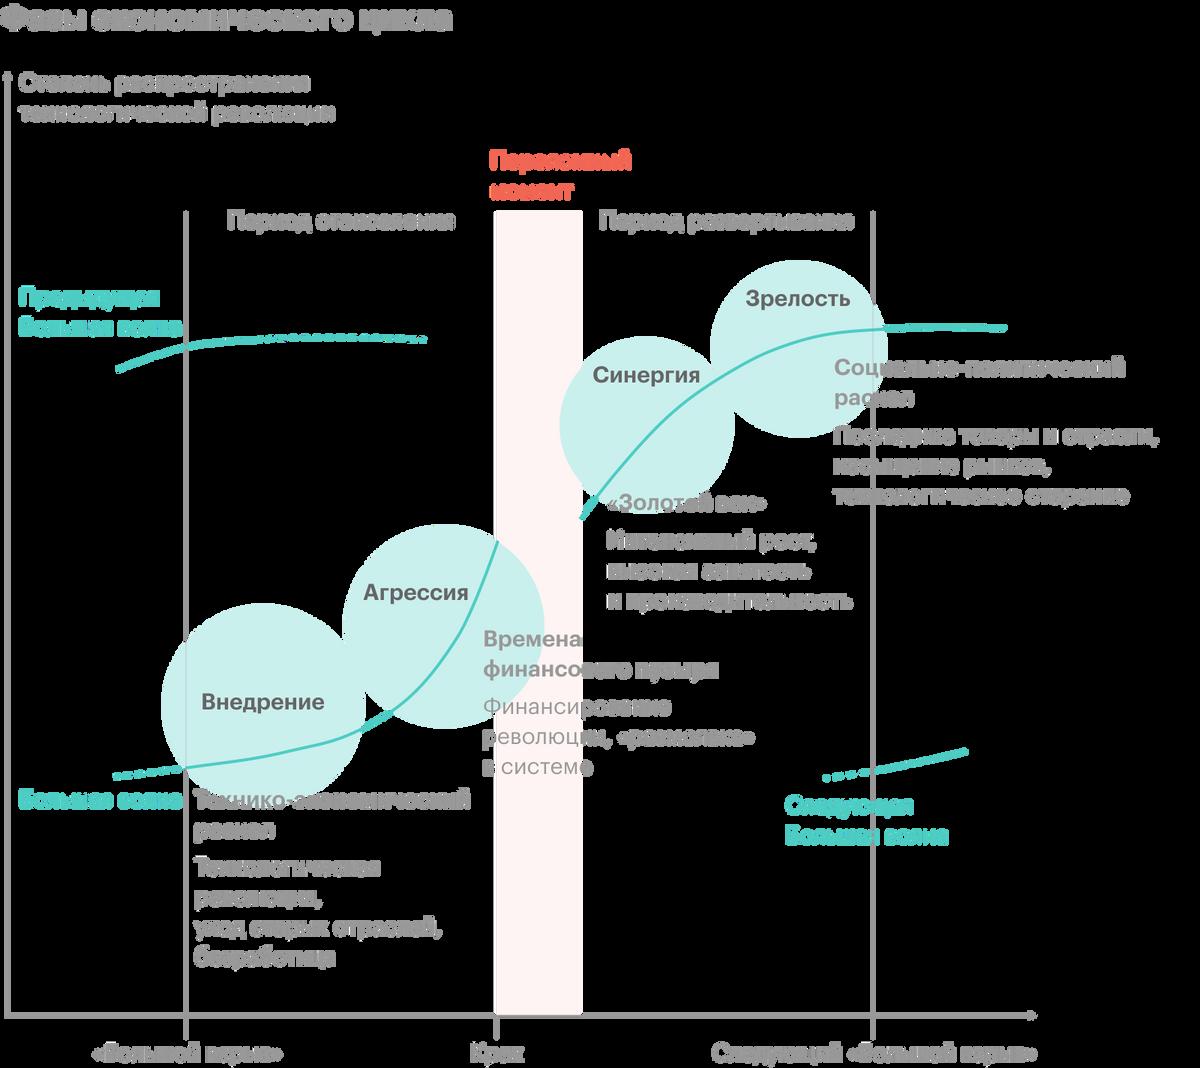 С точки зрения Карлоты Перес, 4 экономические фазы сменяют друг друга, а финансовые пузыри — неотъемлемая часть фазы агрессивного развития. Источник: «Технологические революции и финансовый капитал», Карлота Перес